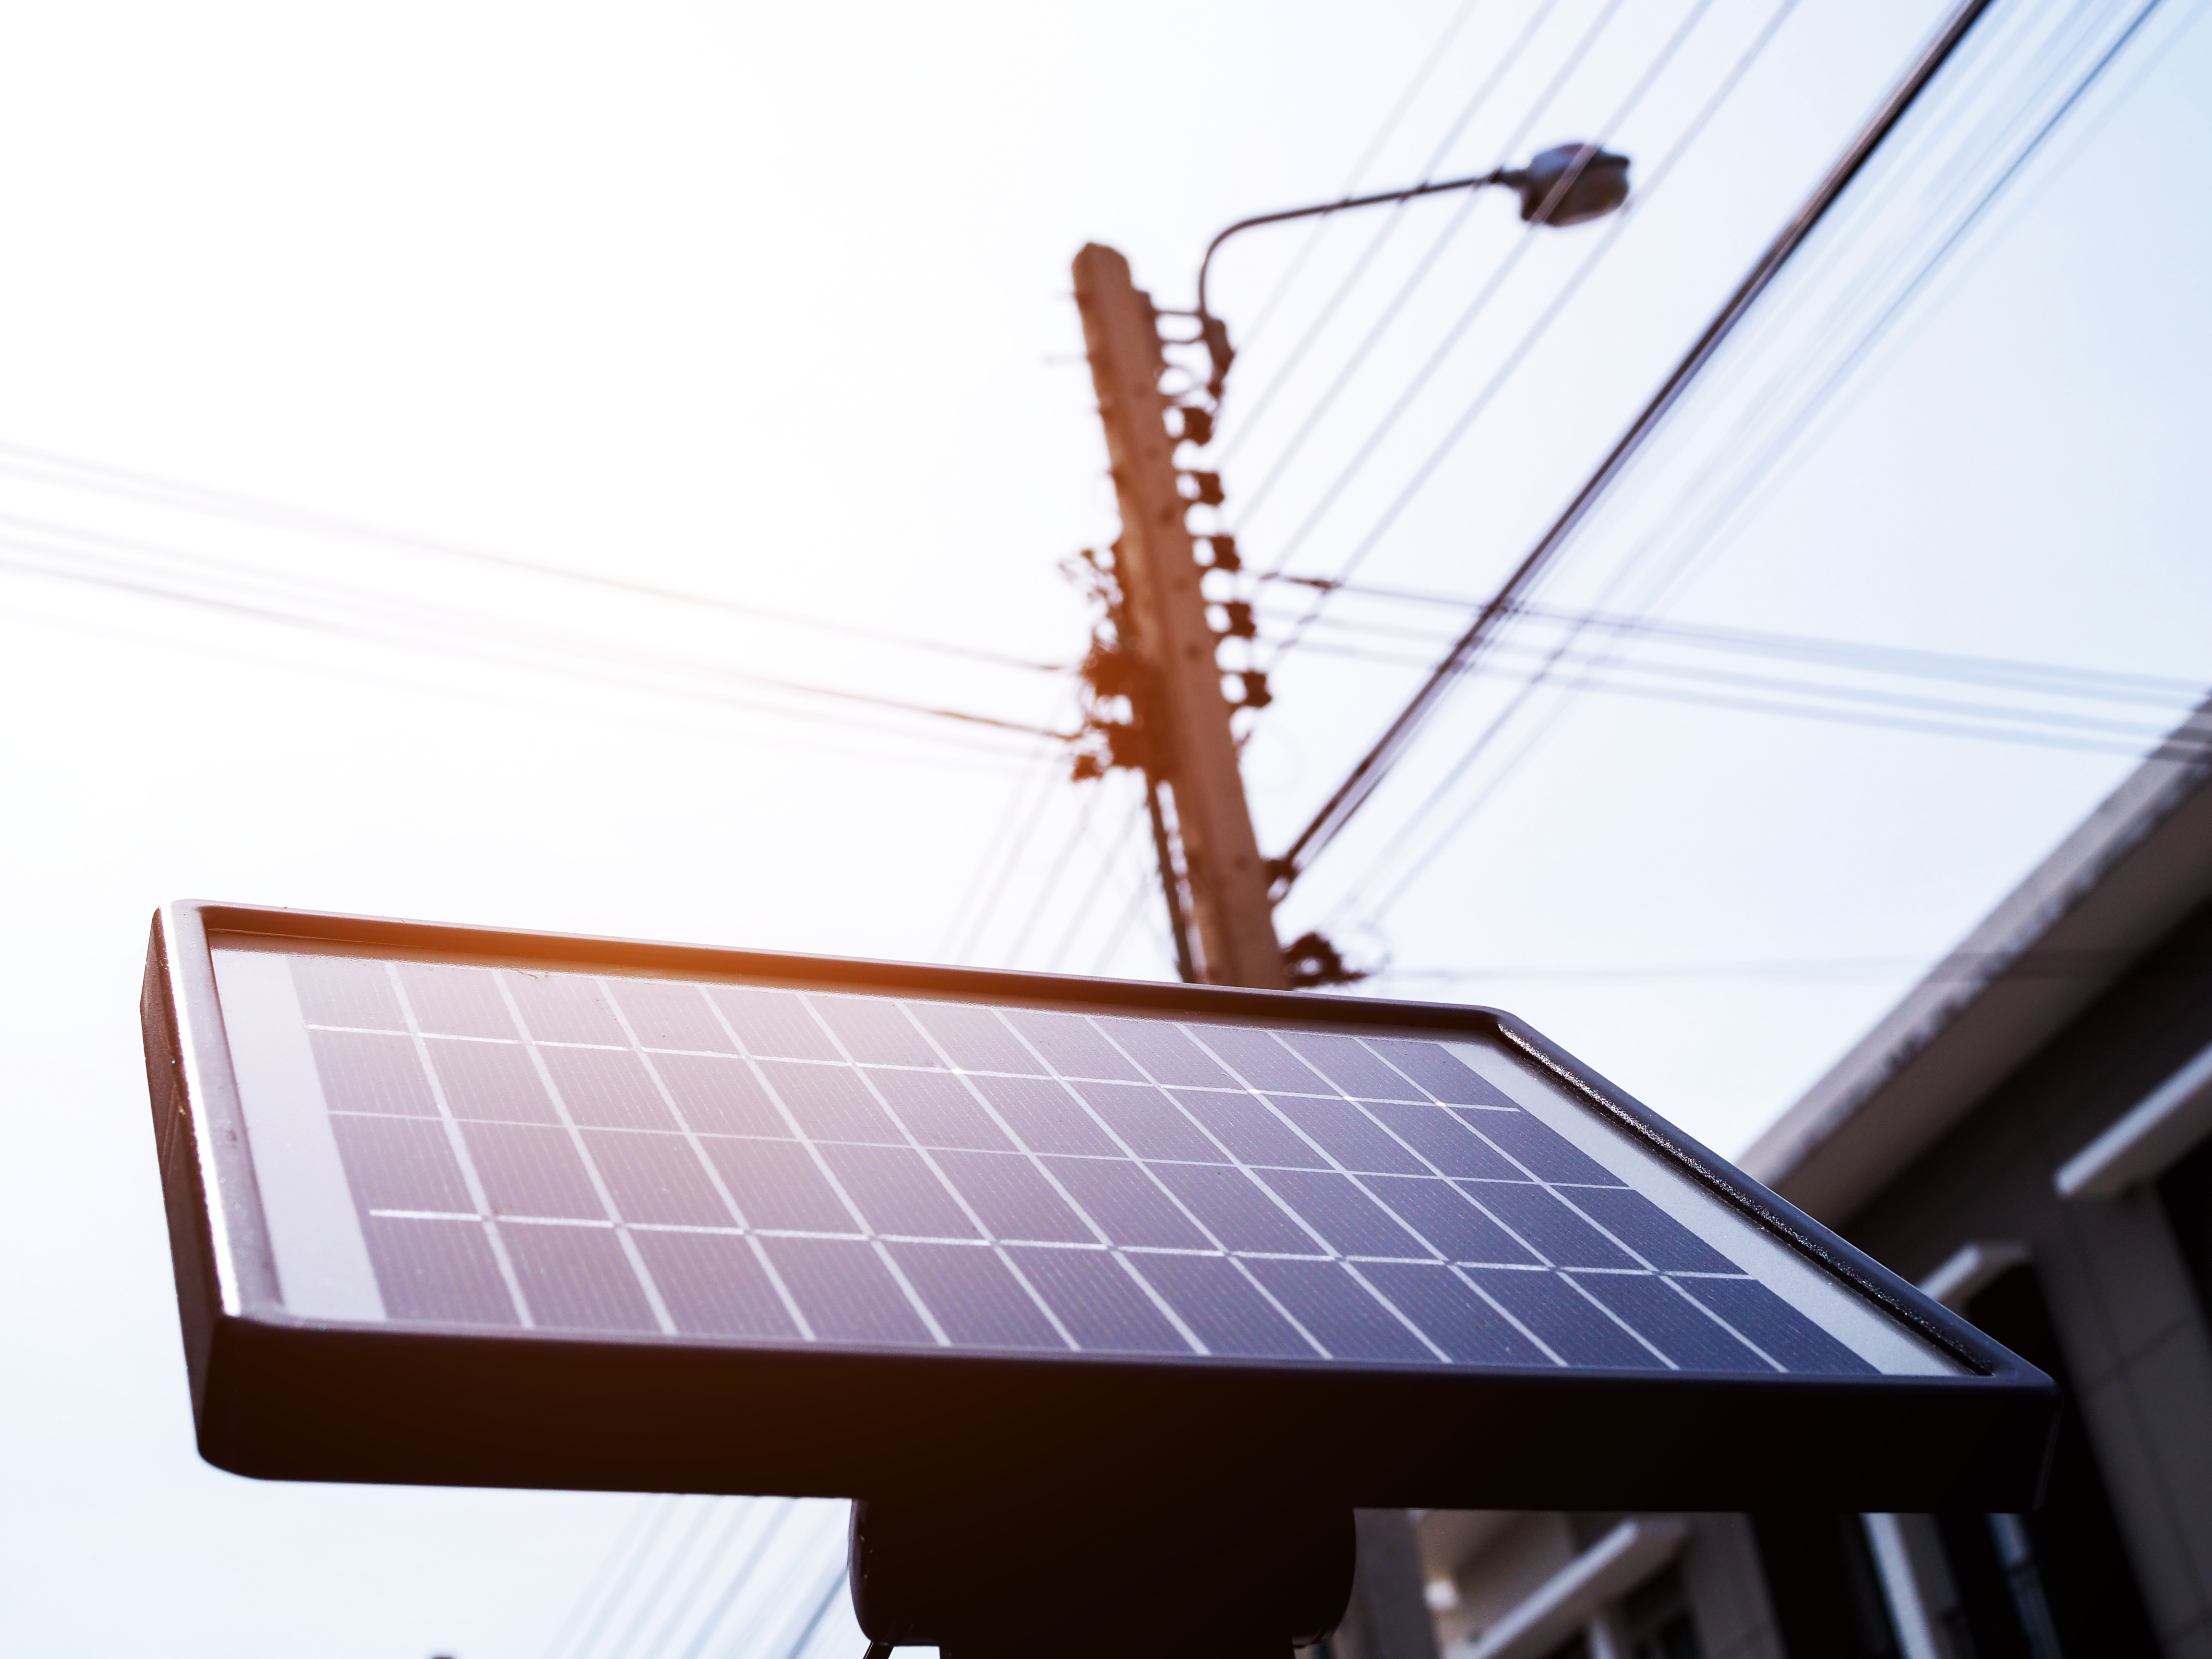 Las energías renovables ayudan a mitigar los efectos del cambio climático, al utilizar energía proveniente de la naturaleza, como los rayos del sol.